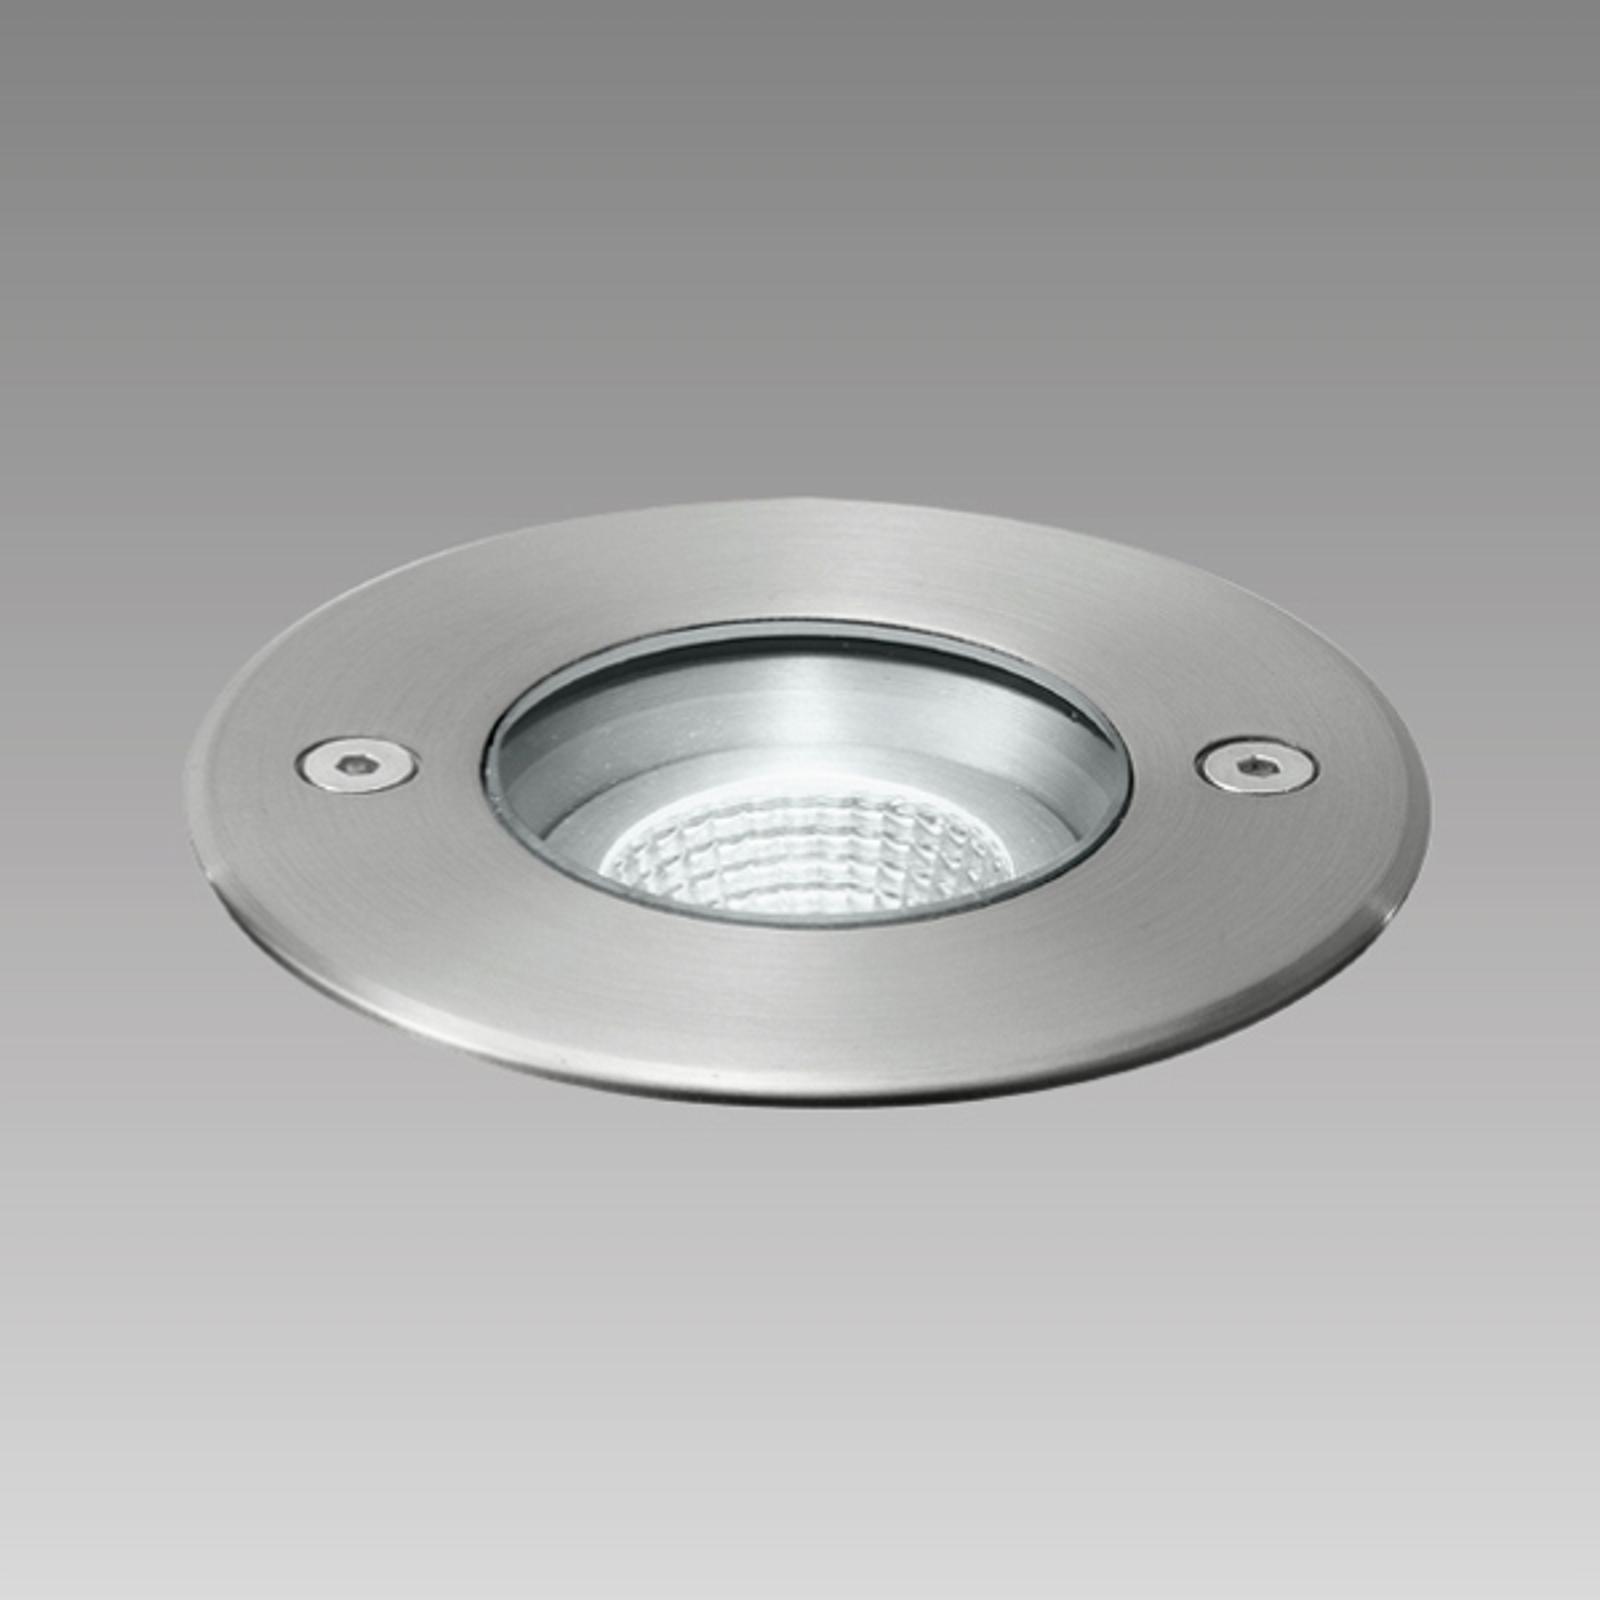 Faretto da incasso acciaio inox Frisco LED, IP67